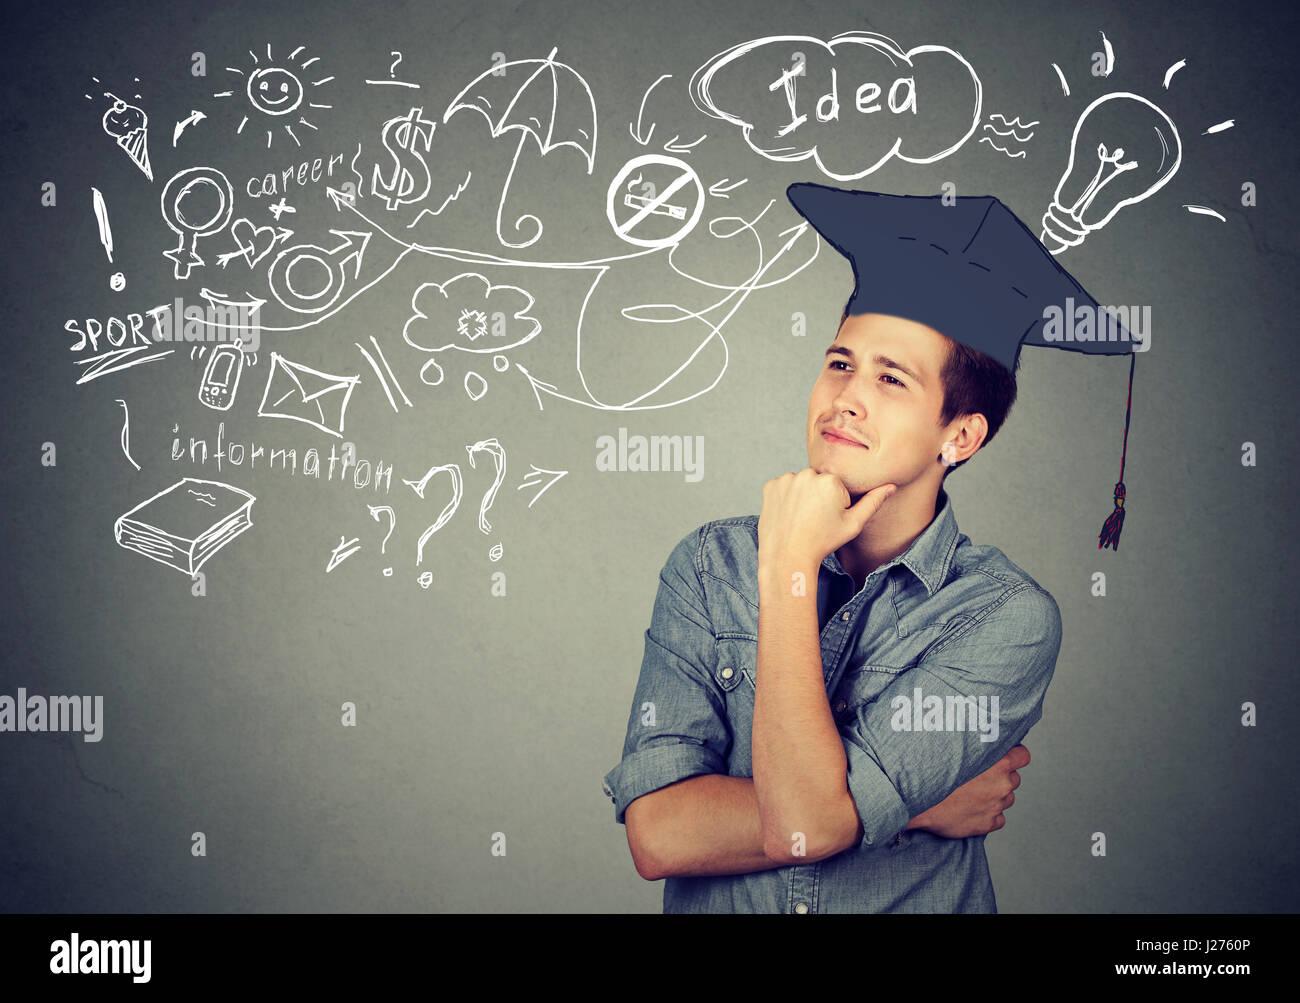 Jeune homme séduisant avec graduation hat jusqu'à la réflexion sur l'éducation a beaucoup Photo Stock